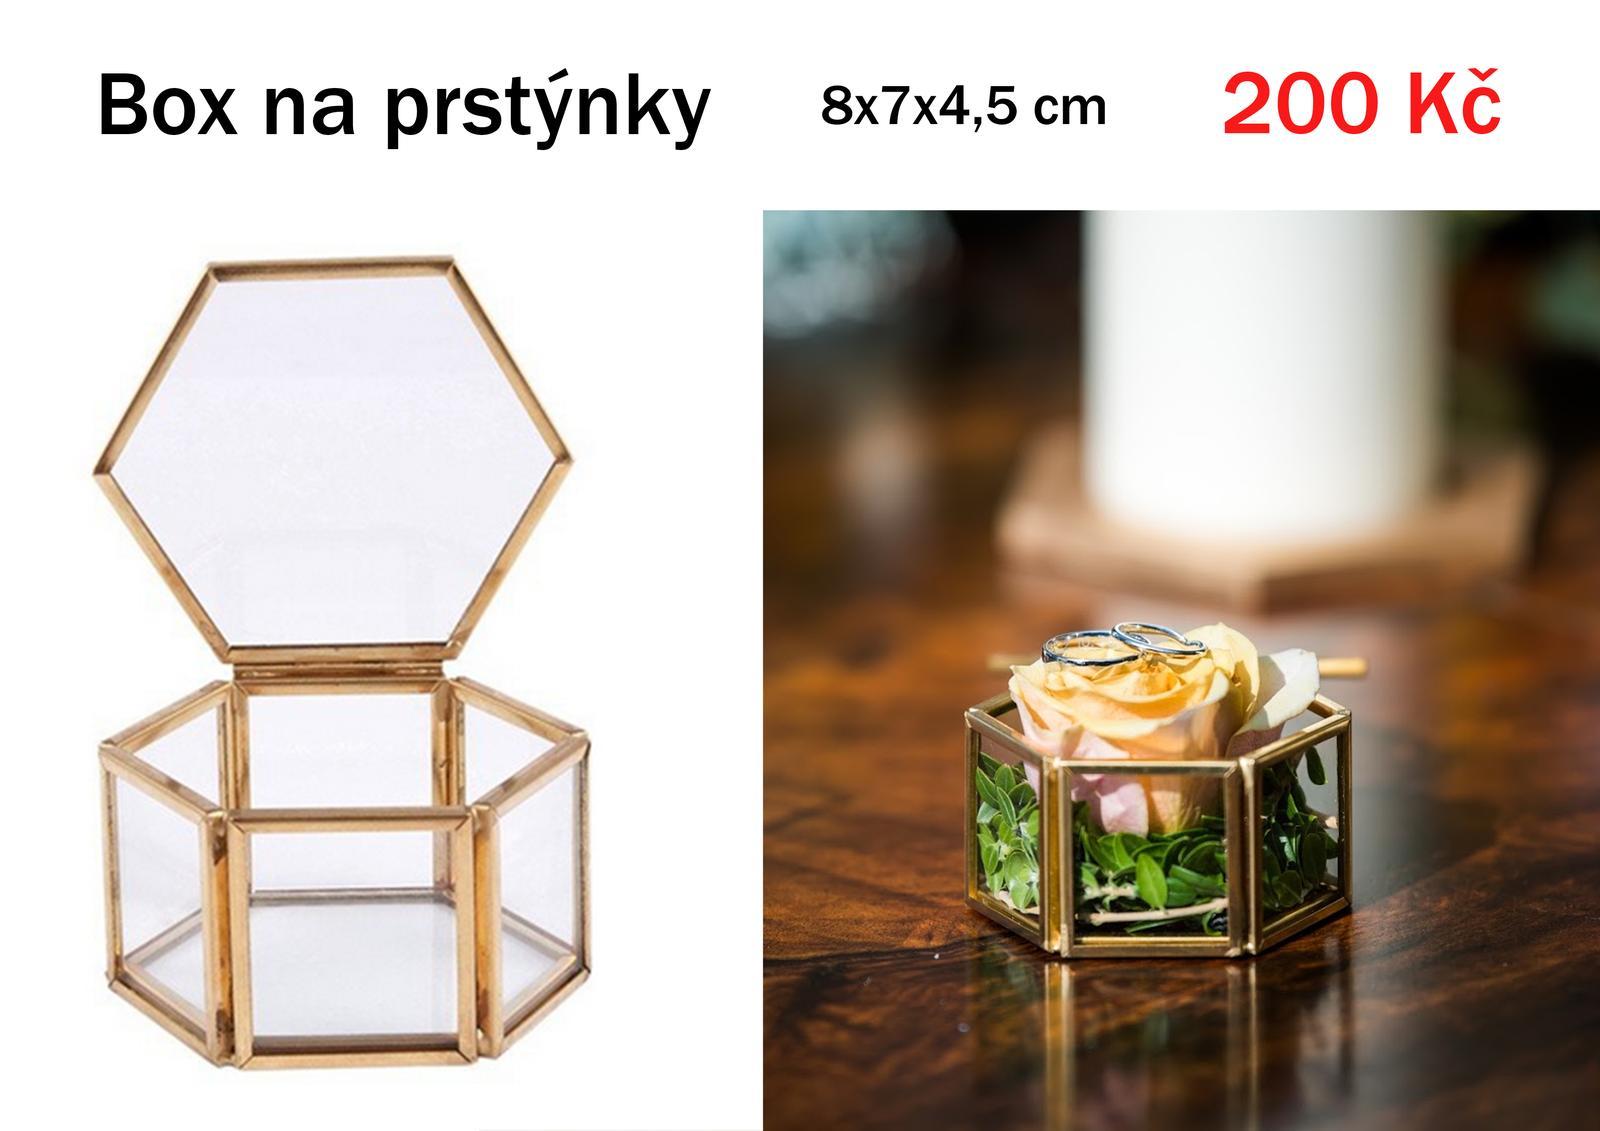 Box na prstýnky - Obrázek č. 1